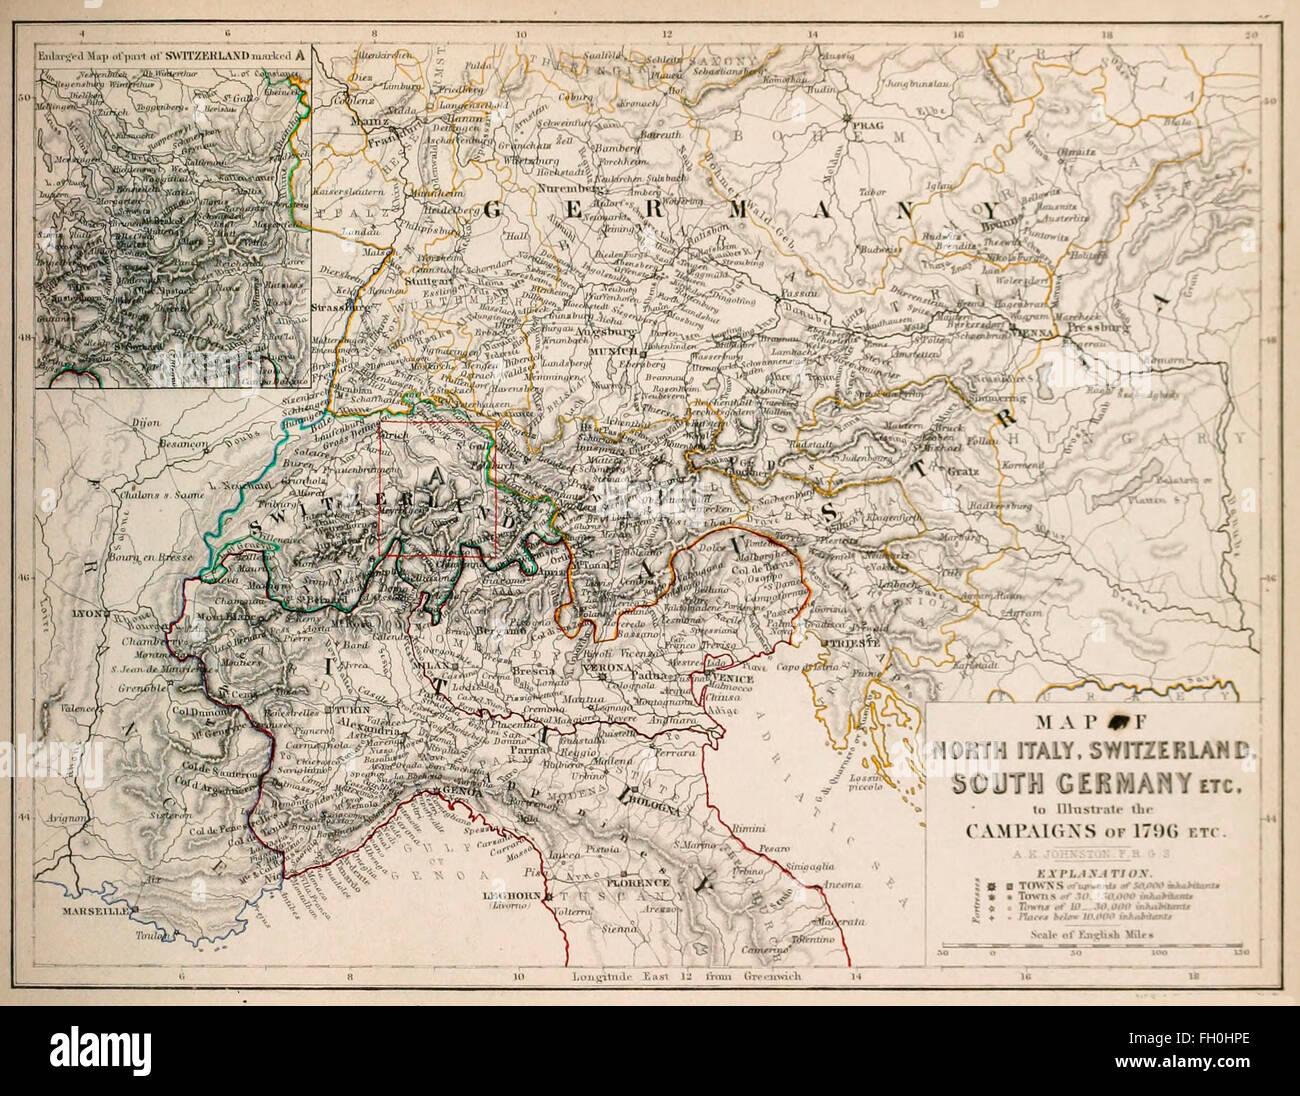 Mapa Del Norte De Italia Y Suiza.Mapa Del Norte De Italia Suiza Sur De Alemania Etc Para